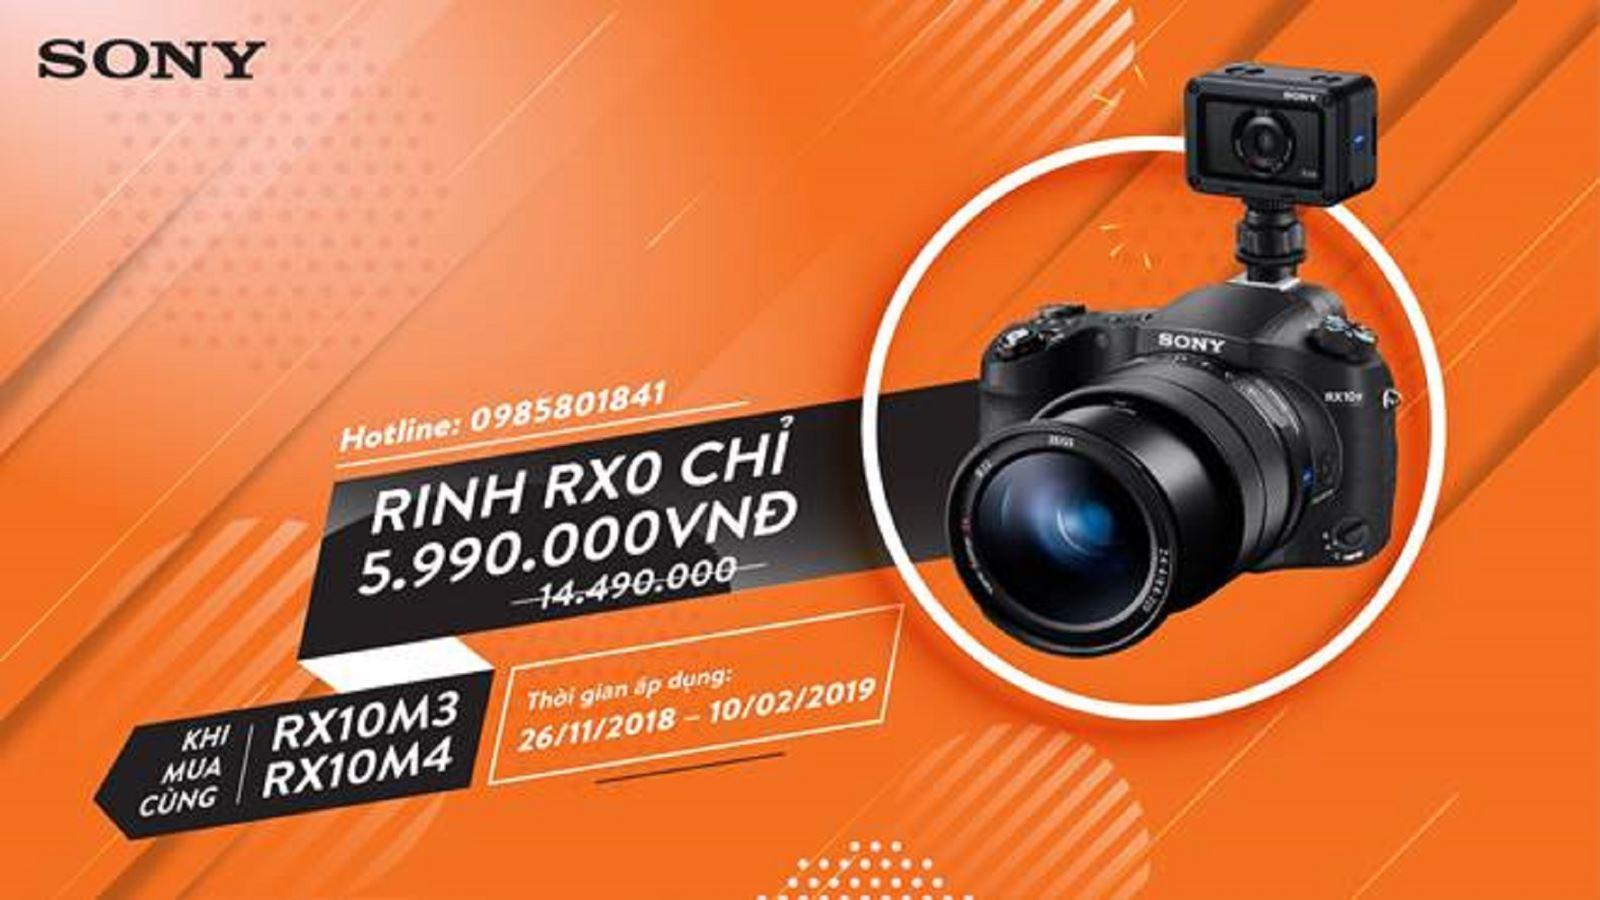 Chương trìnhhỗ trợ bán racho RX0 khi mua kèmRX10M3, RX10M4 diễn ratừ 26/11 đến ngày 10/2/2019